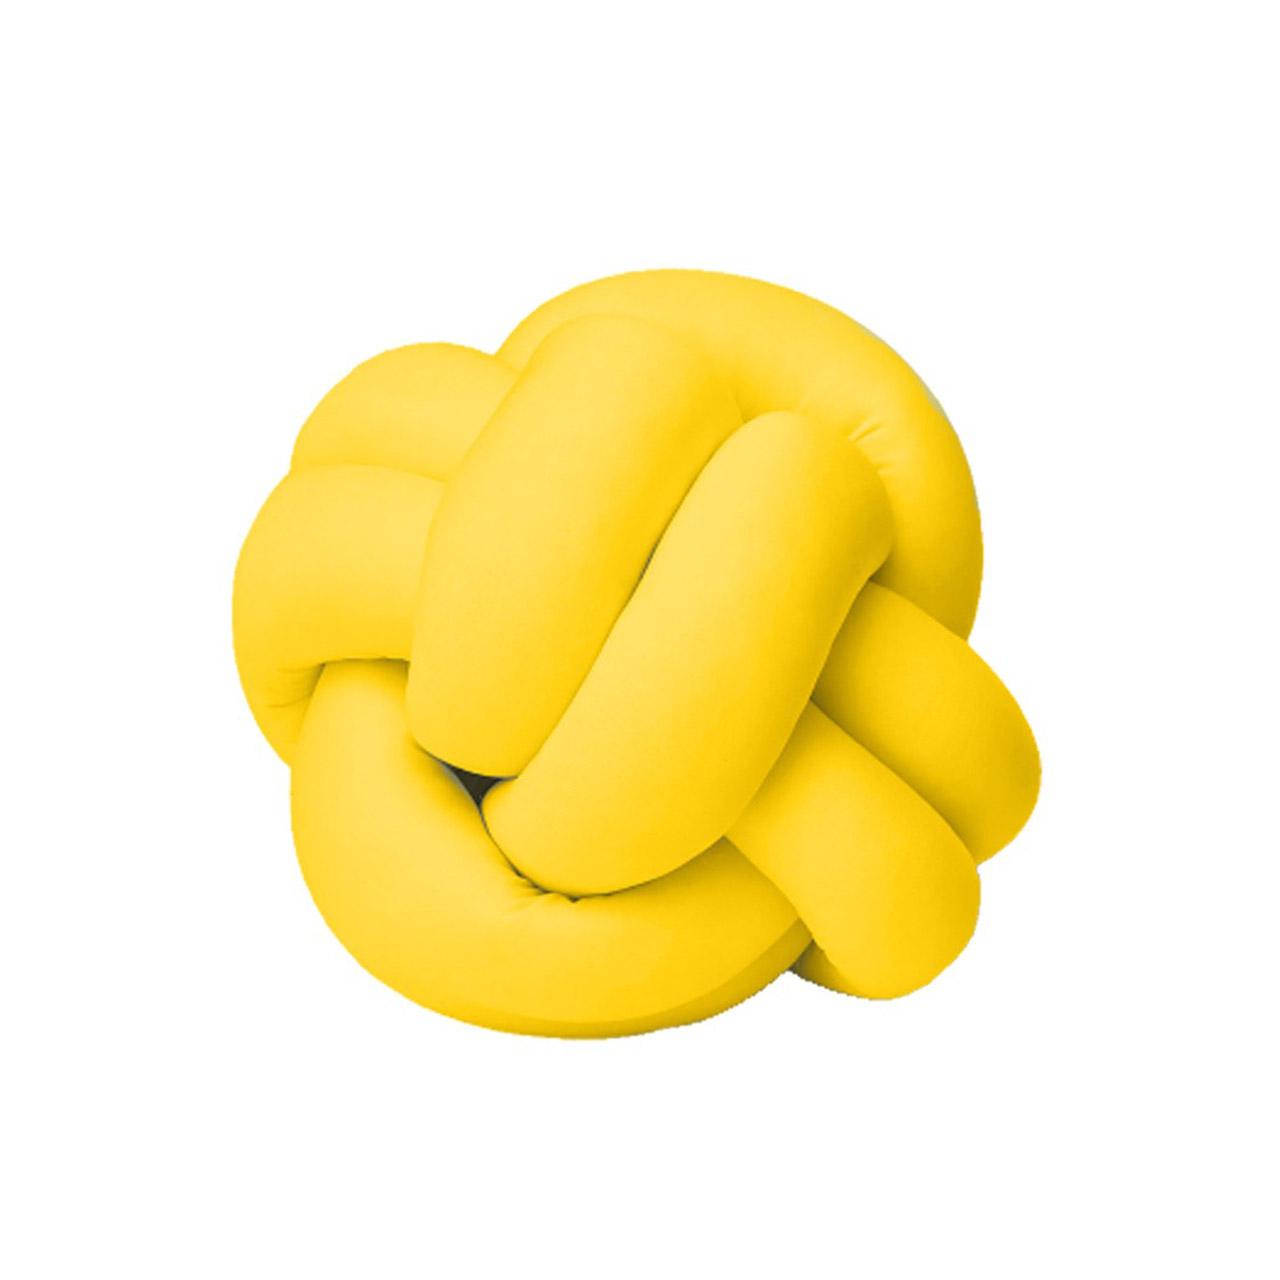 Kit Almofadas Now United 3 peças - Amarelo